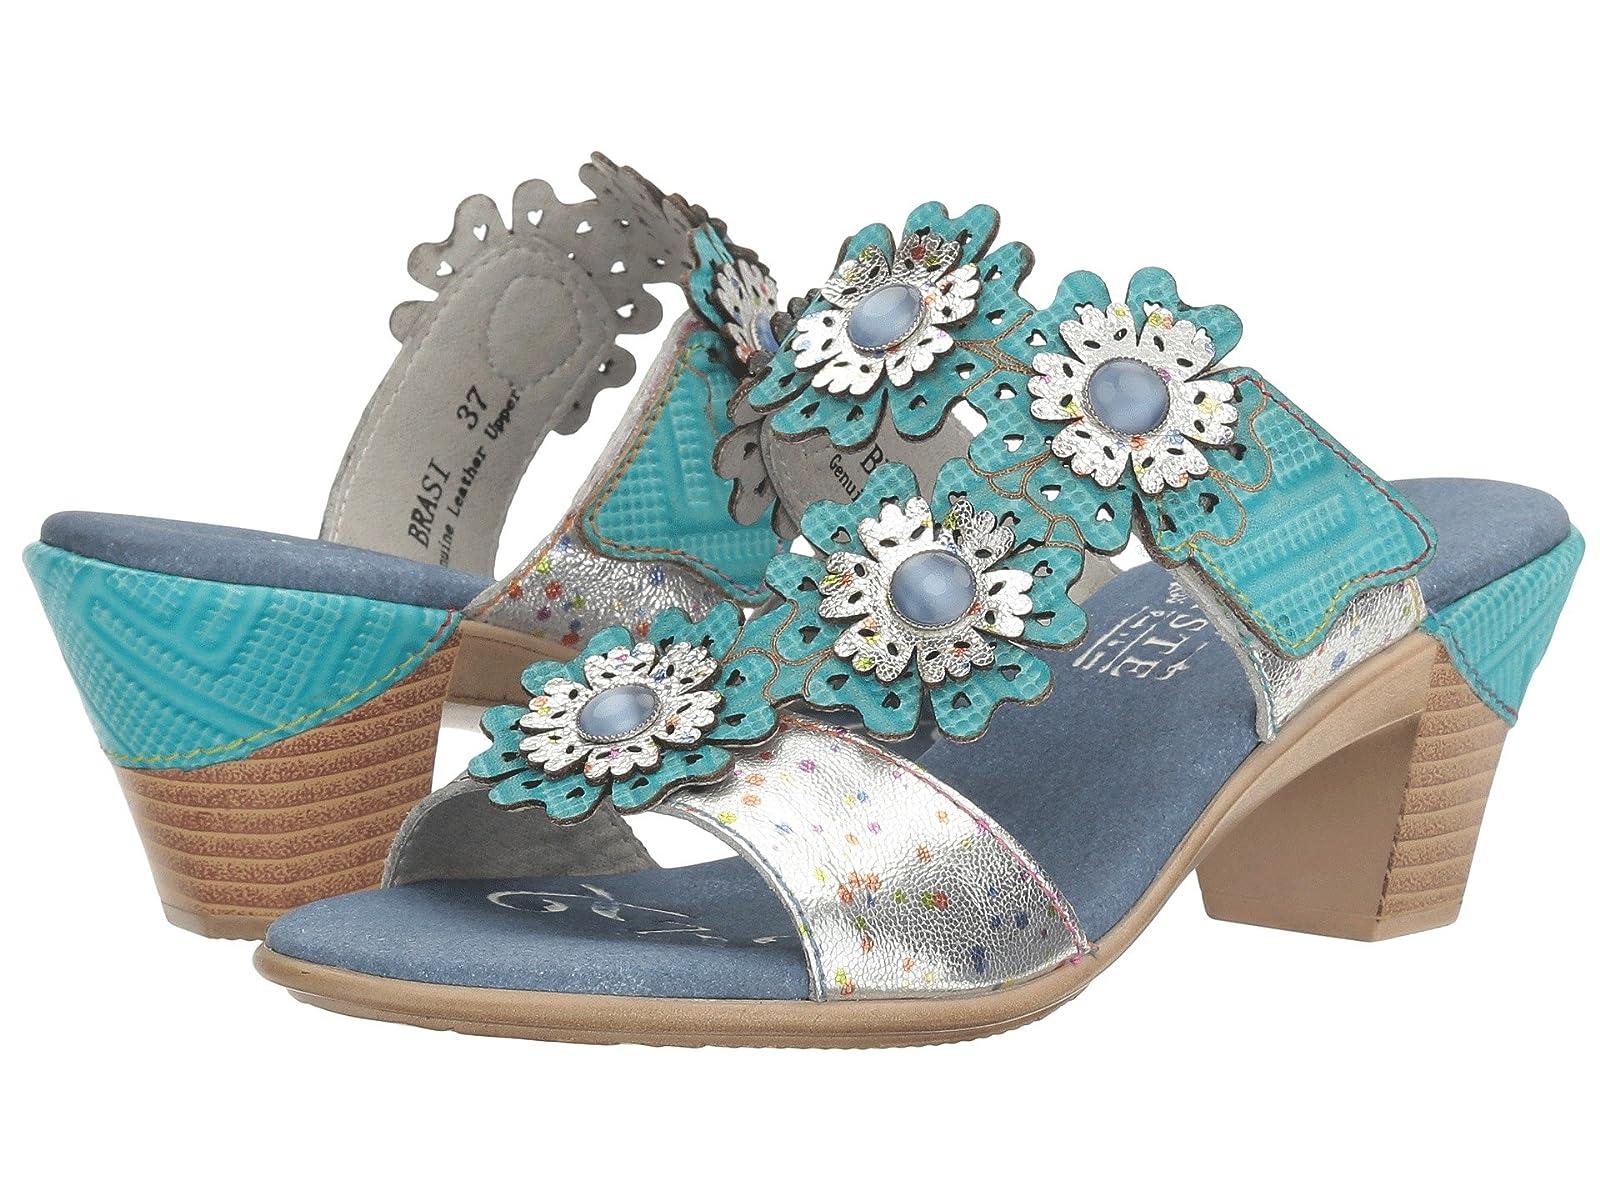 L'Artiste by Spring Step BrasiAtmospheric grades have affordable shoes